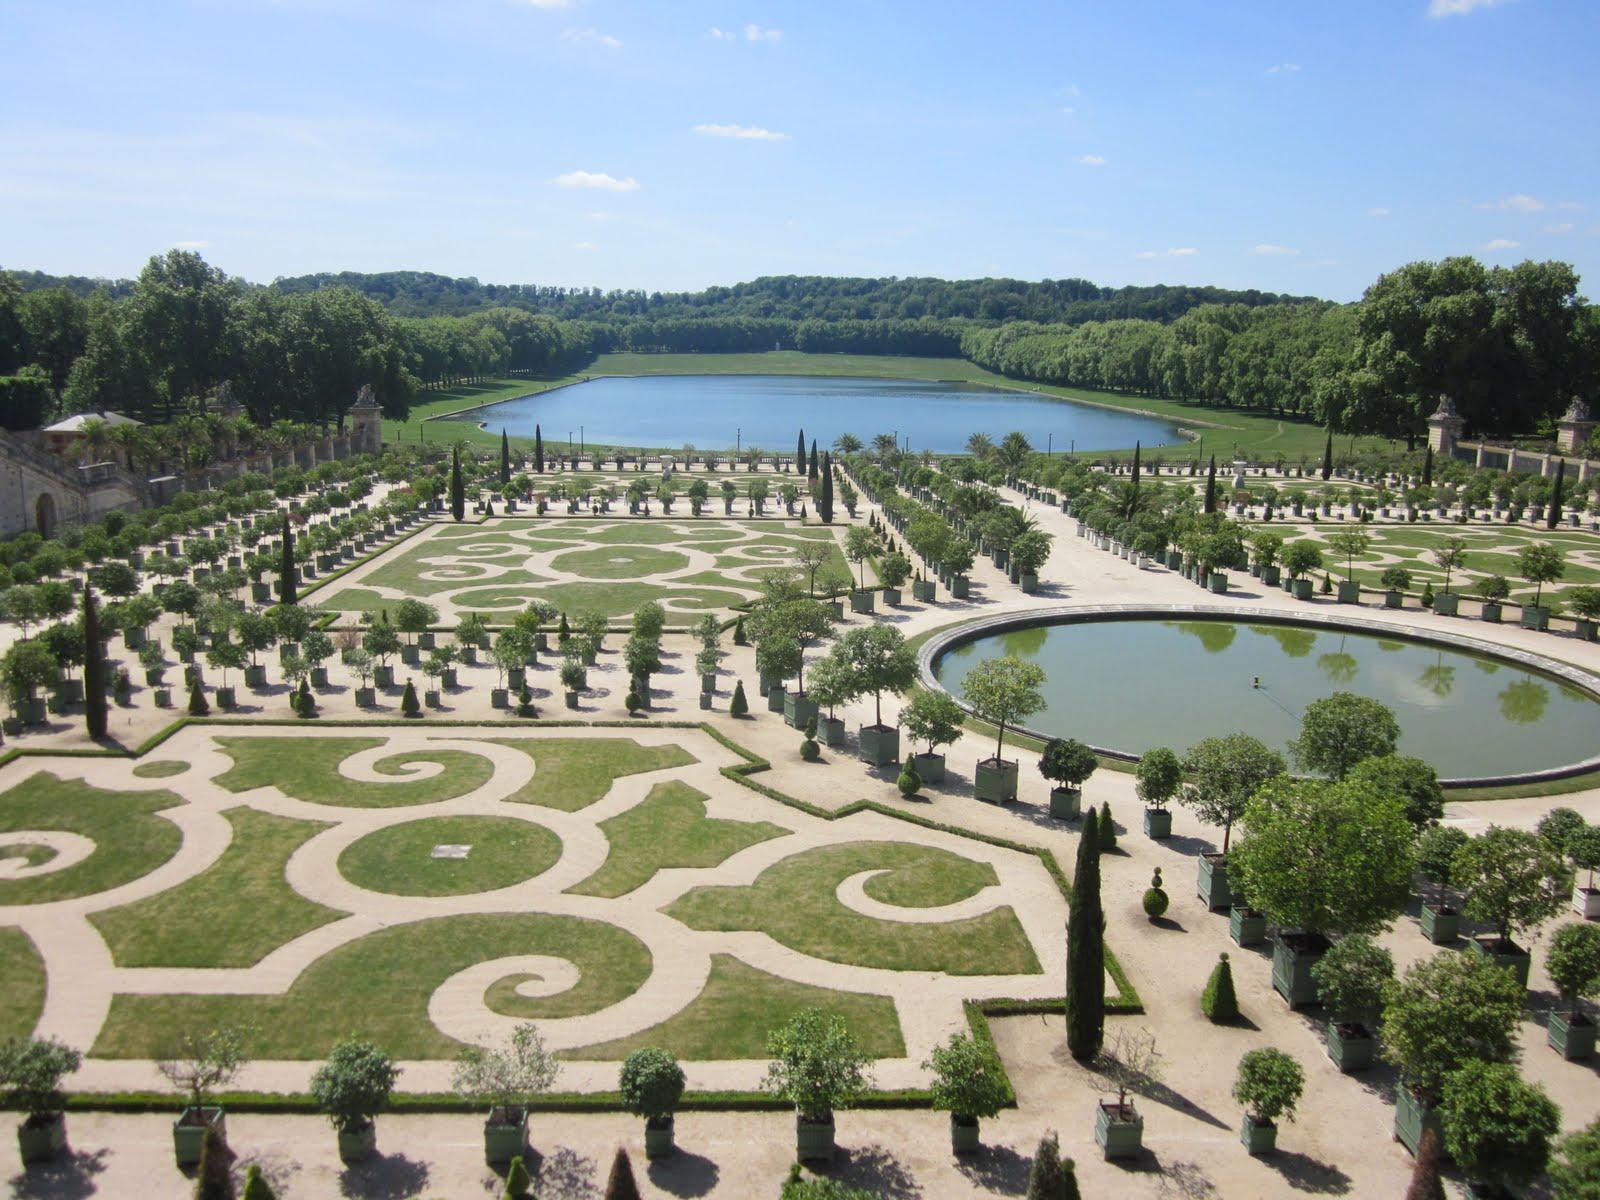 Byu in paris apr s le chateau de versailles - Photo chateau de versailles ...